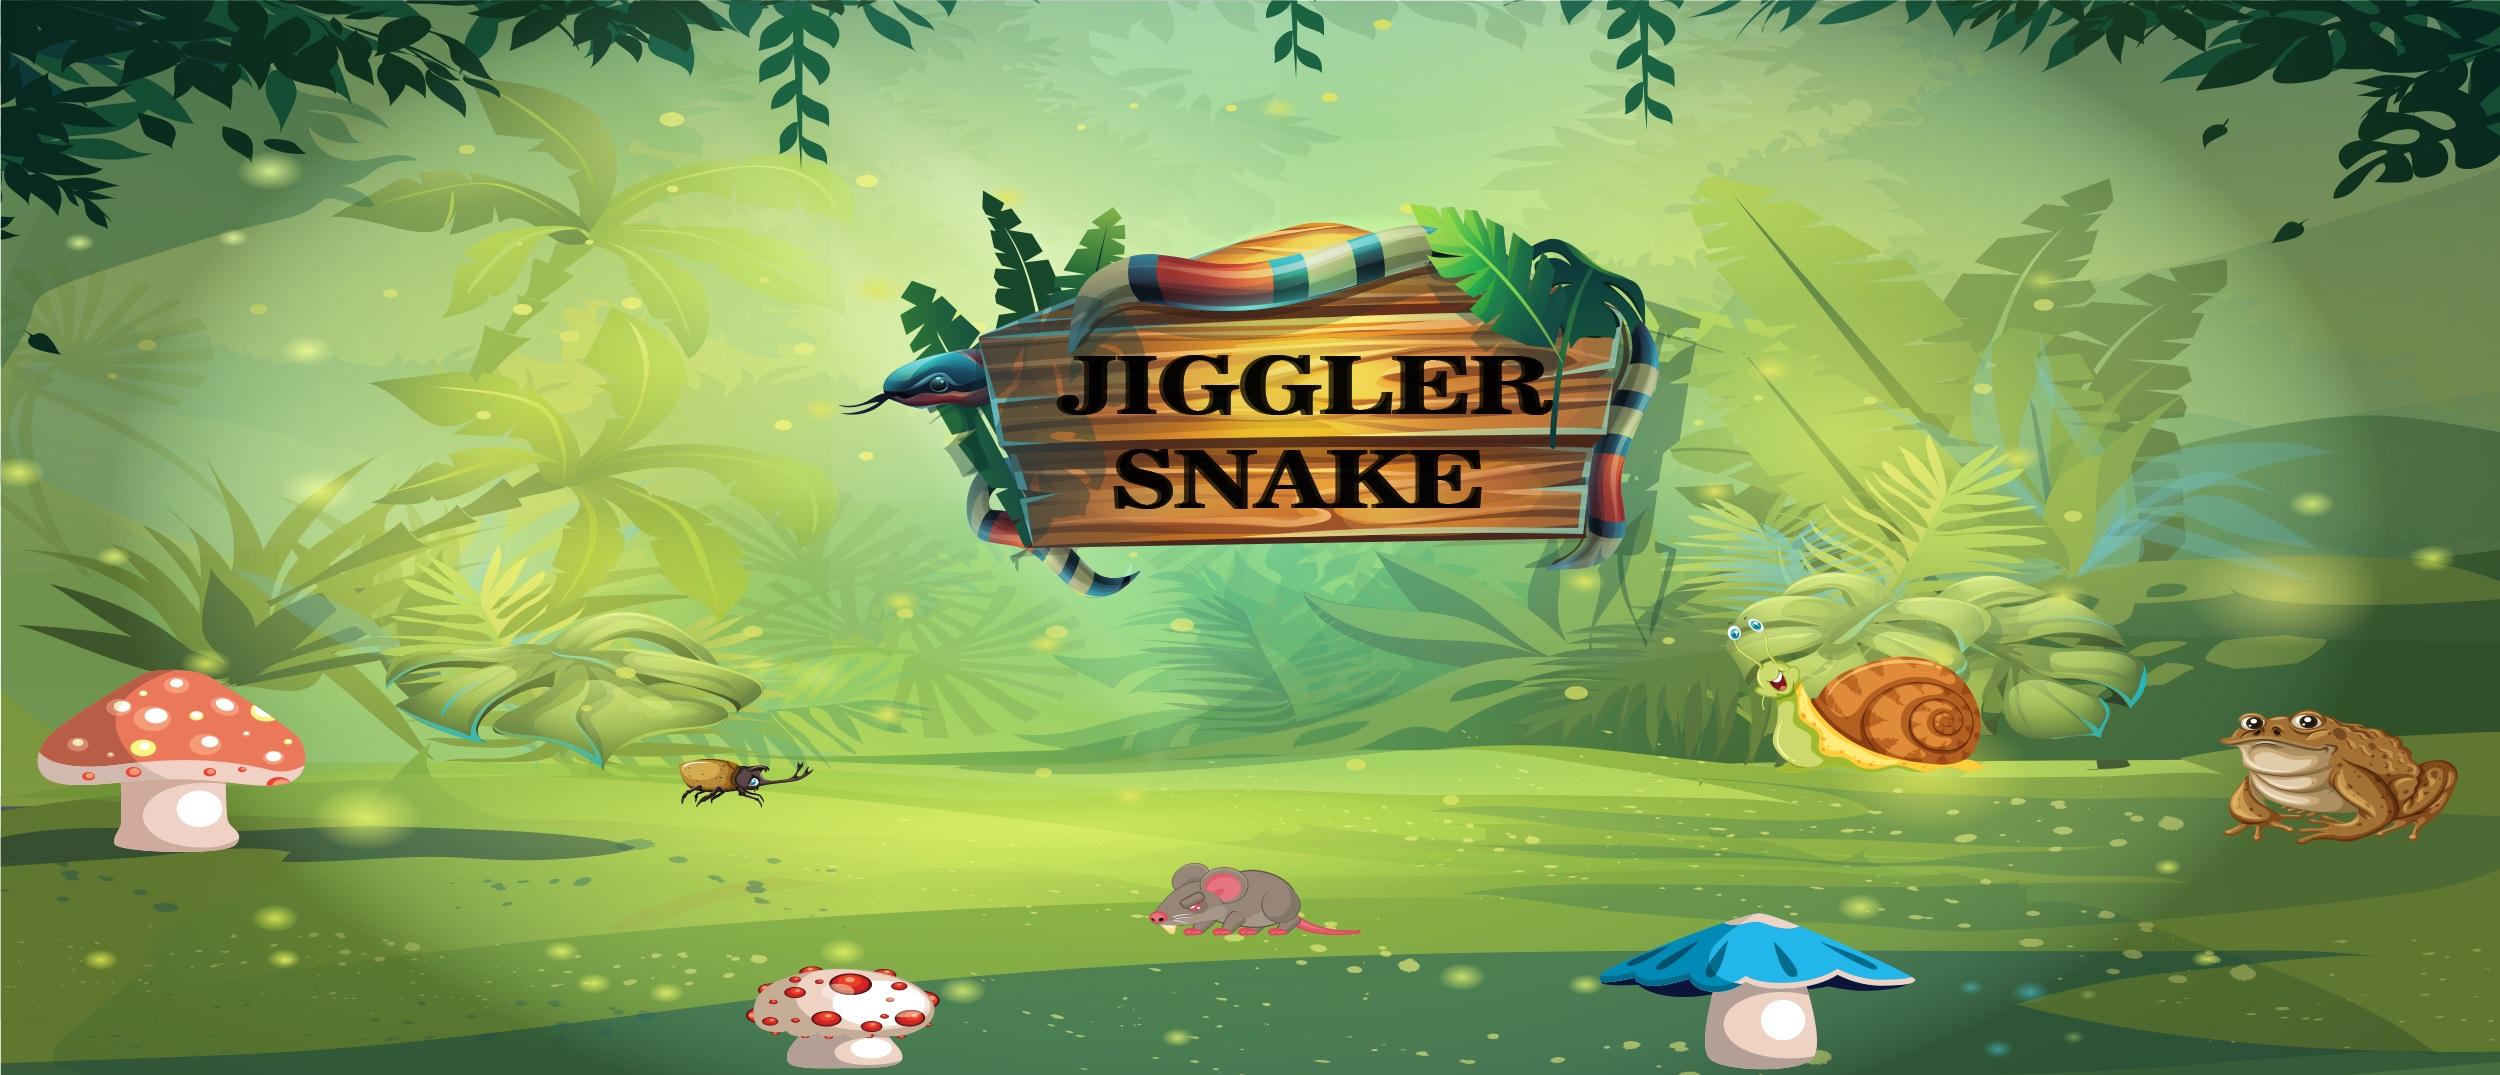 Jiggler Snake